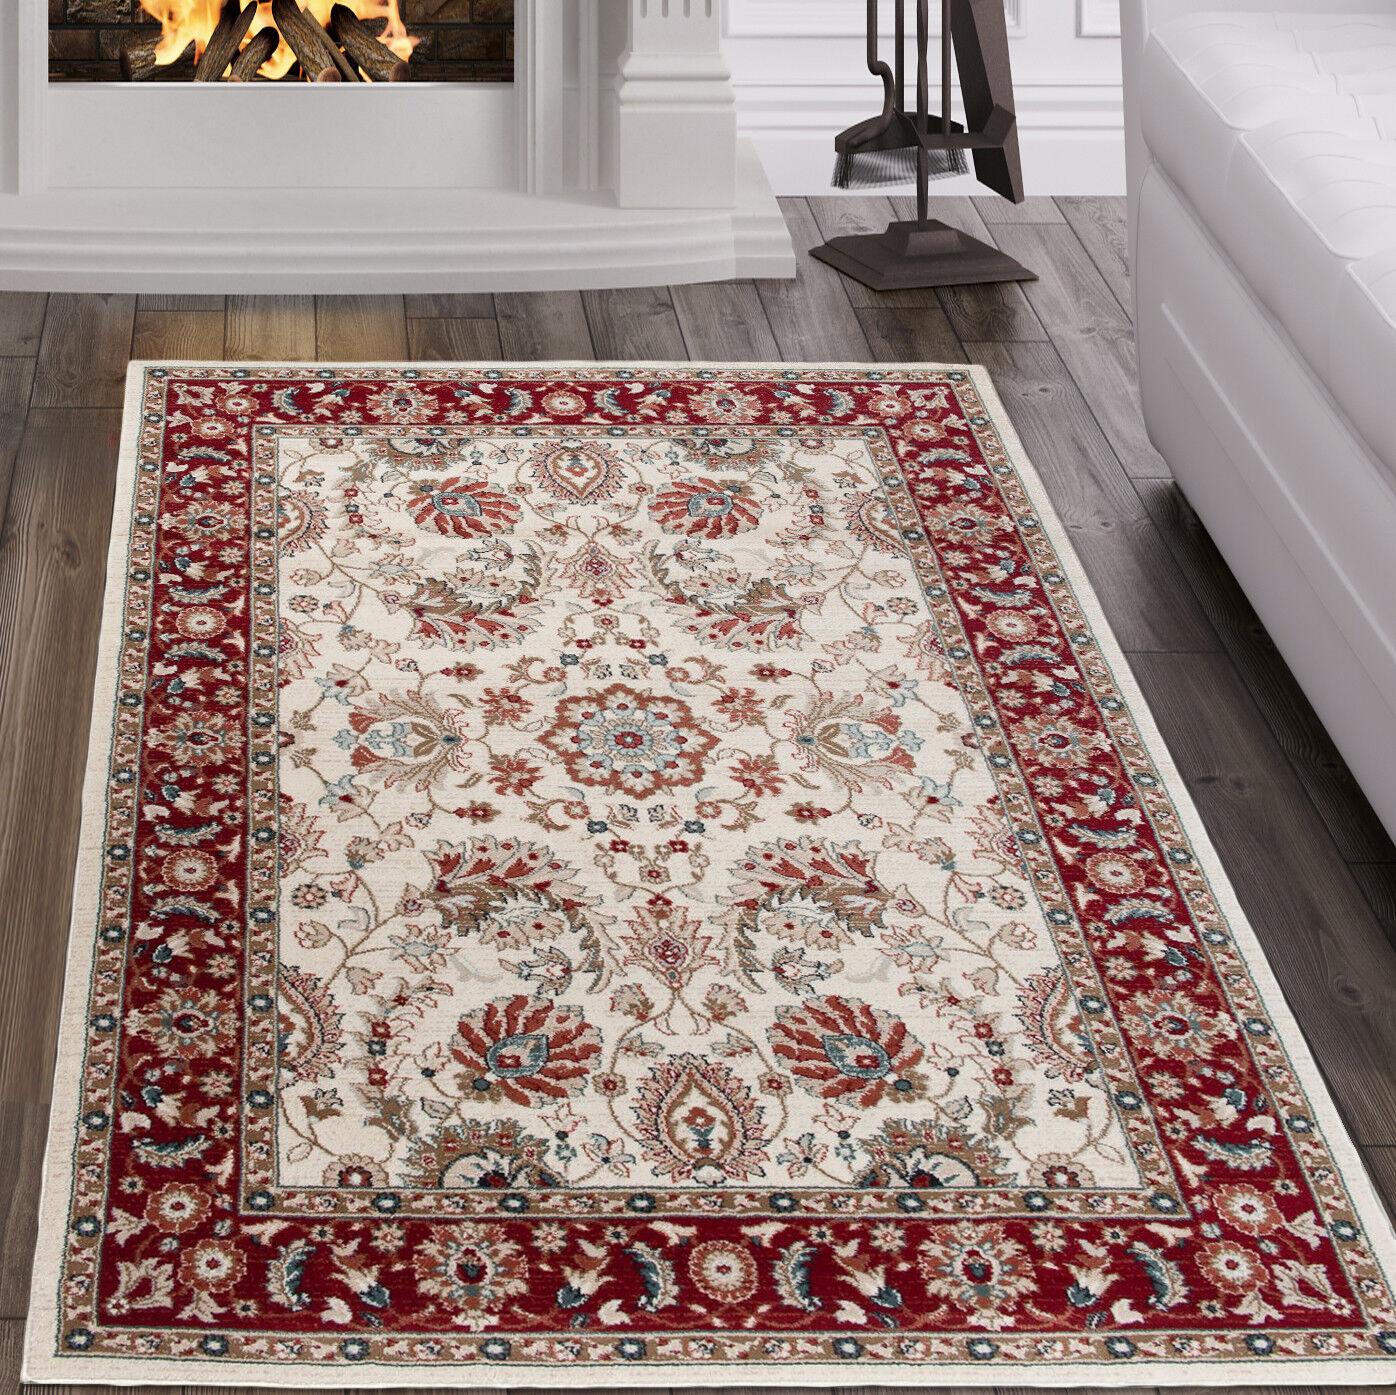 Carpettes Design Classique Petite Moyenne Moyenne Moyenne Grande Rouge Blanc Noir Nouveau Tapis | Convivial  53ad33